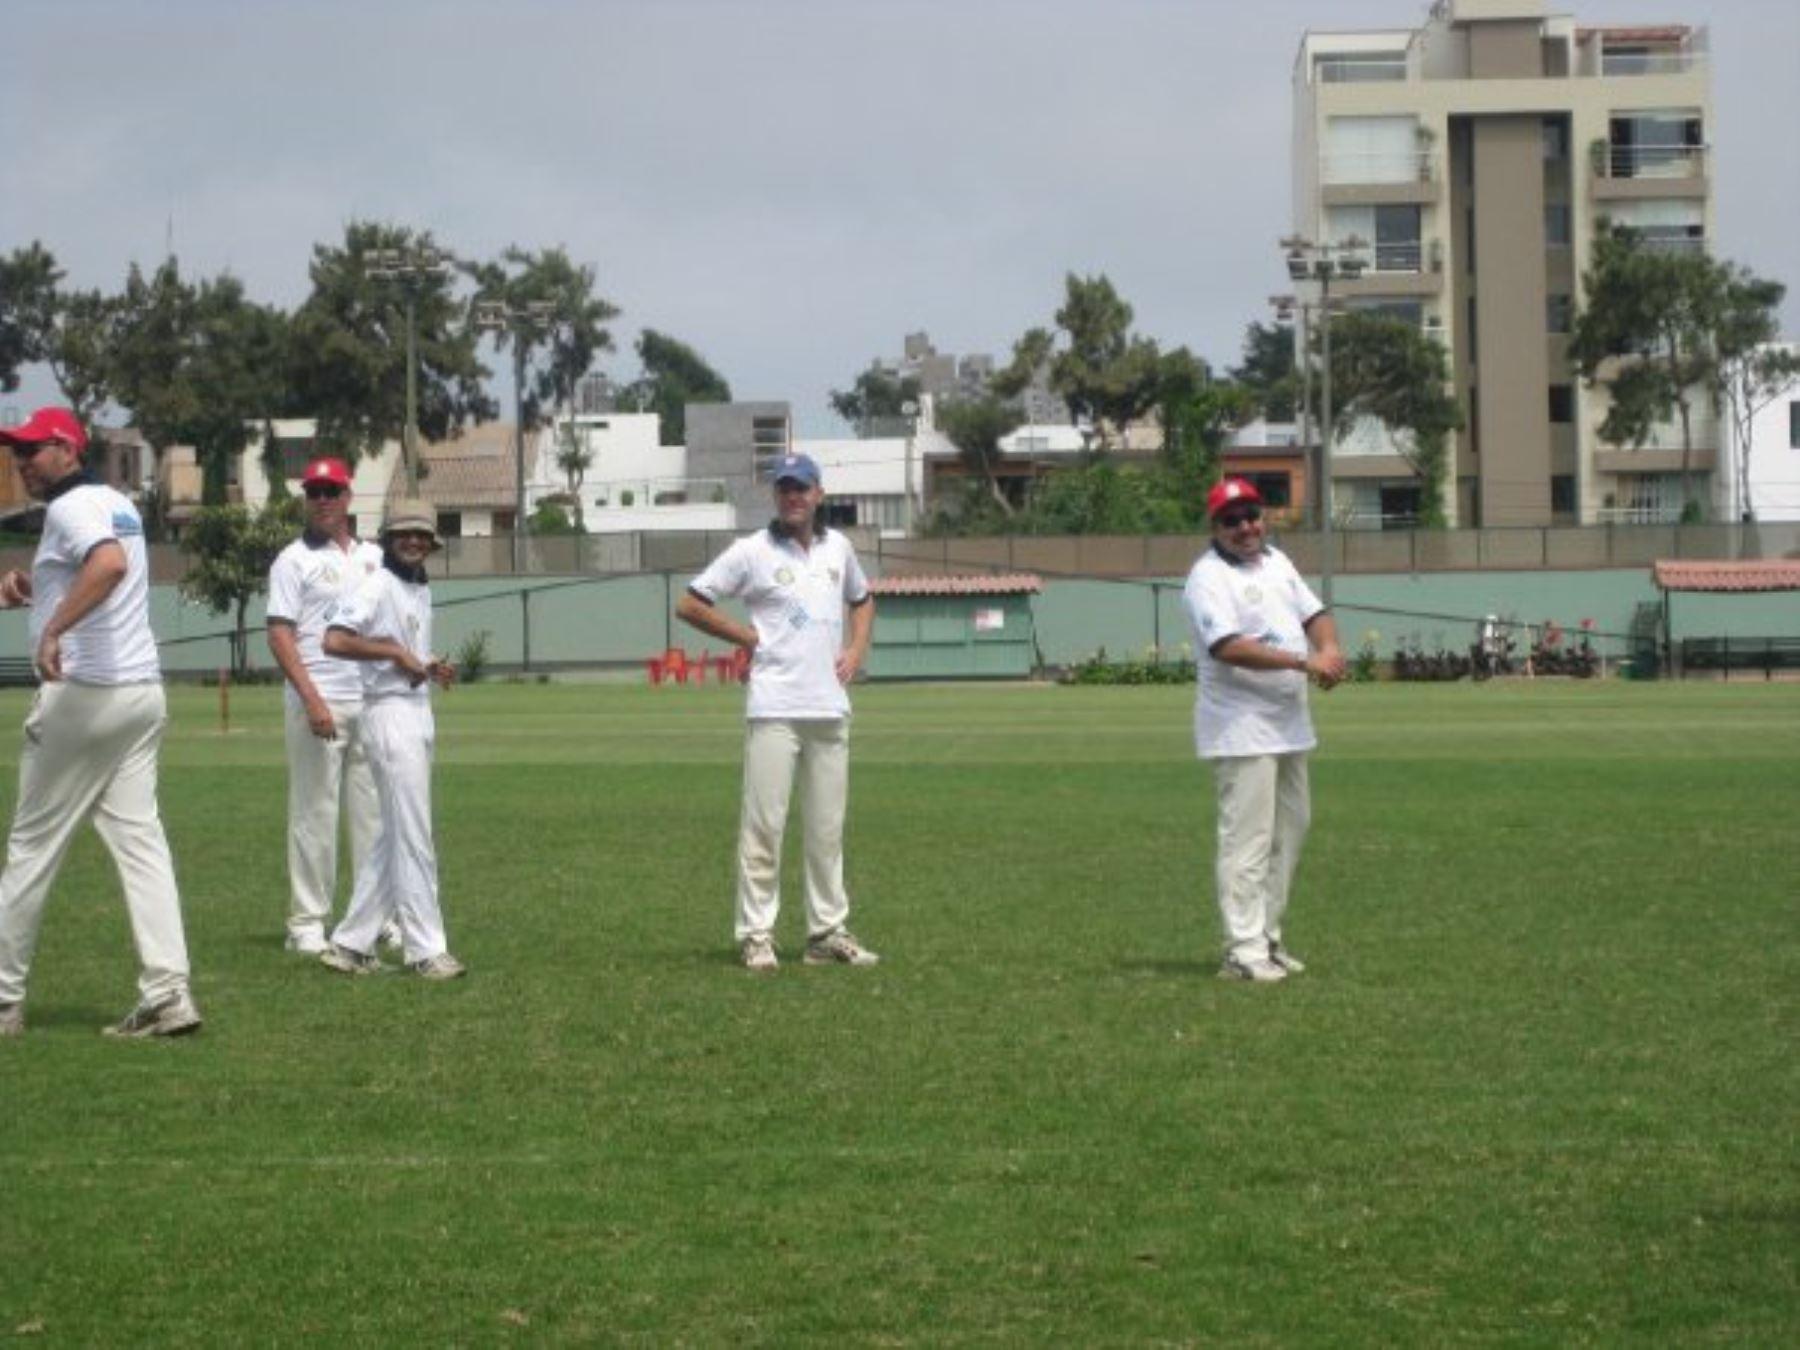 Criquet Perú Twenty20 Shield